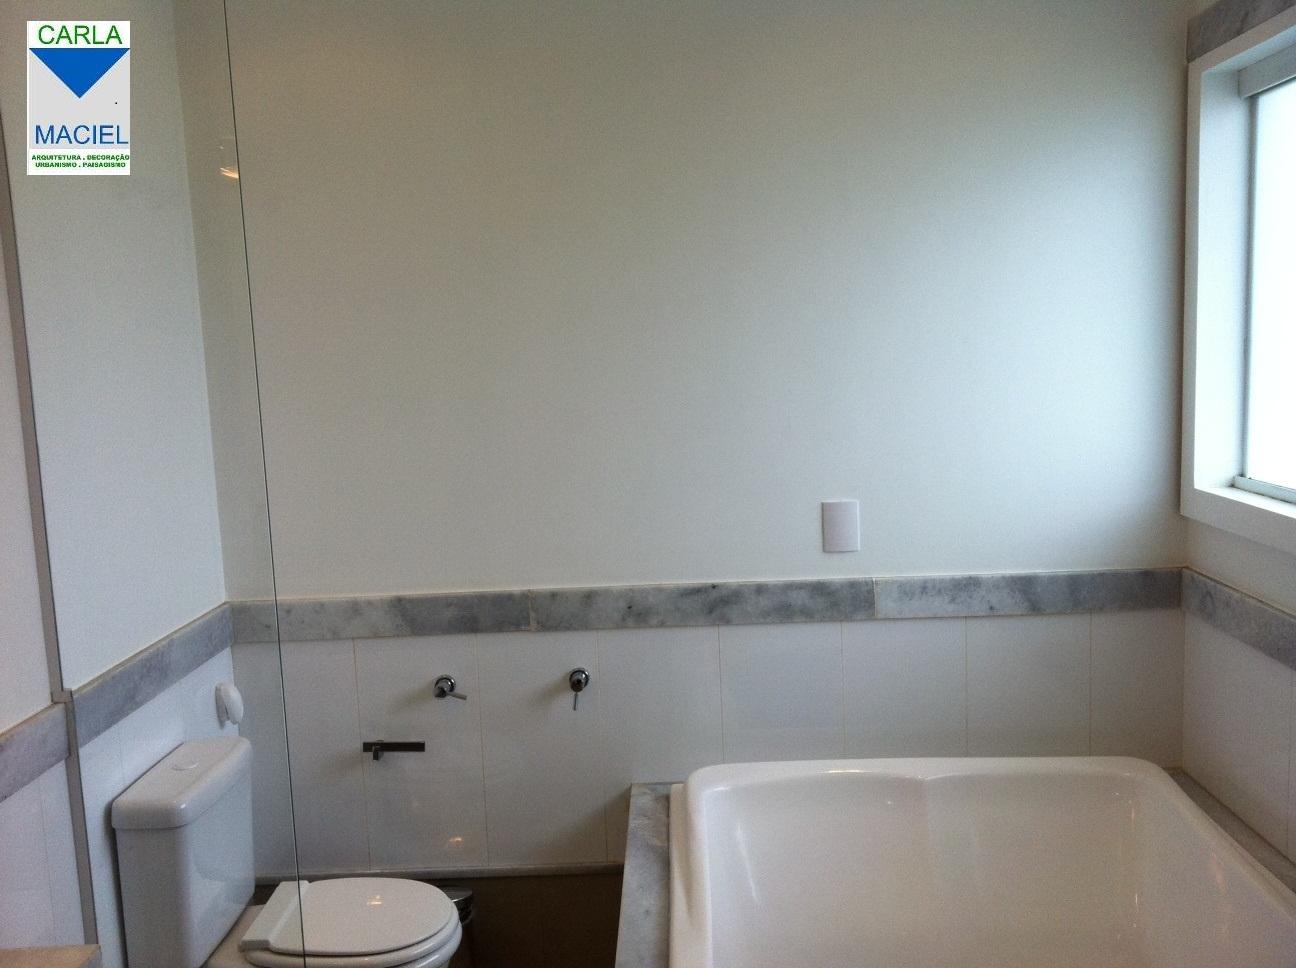 : Papel de parede em tons de azul e cinza e um arranjo de espelhos #4E707D 1296x968 Banheiro Cinza Preto